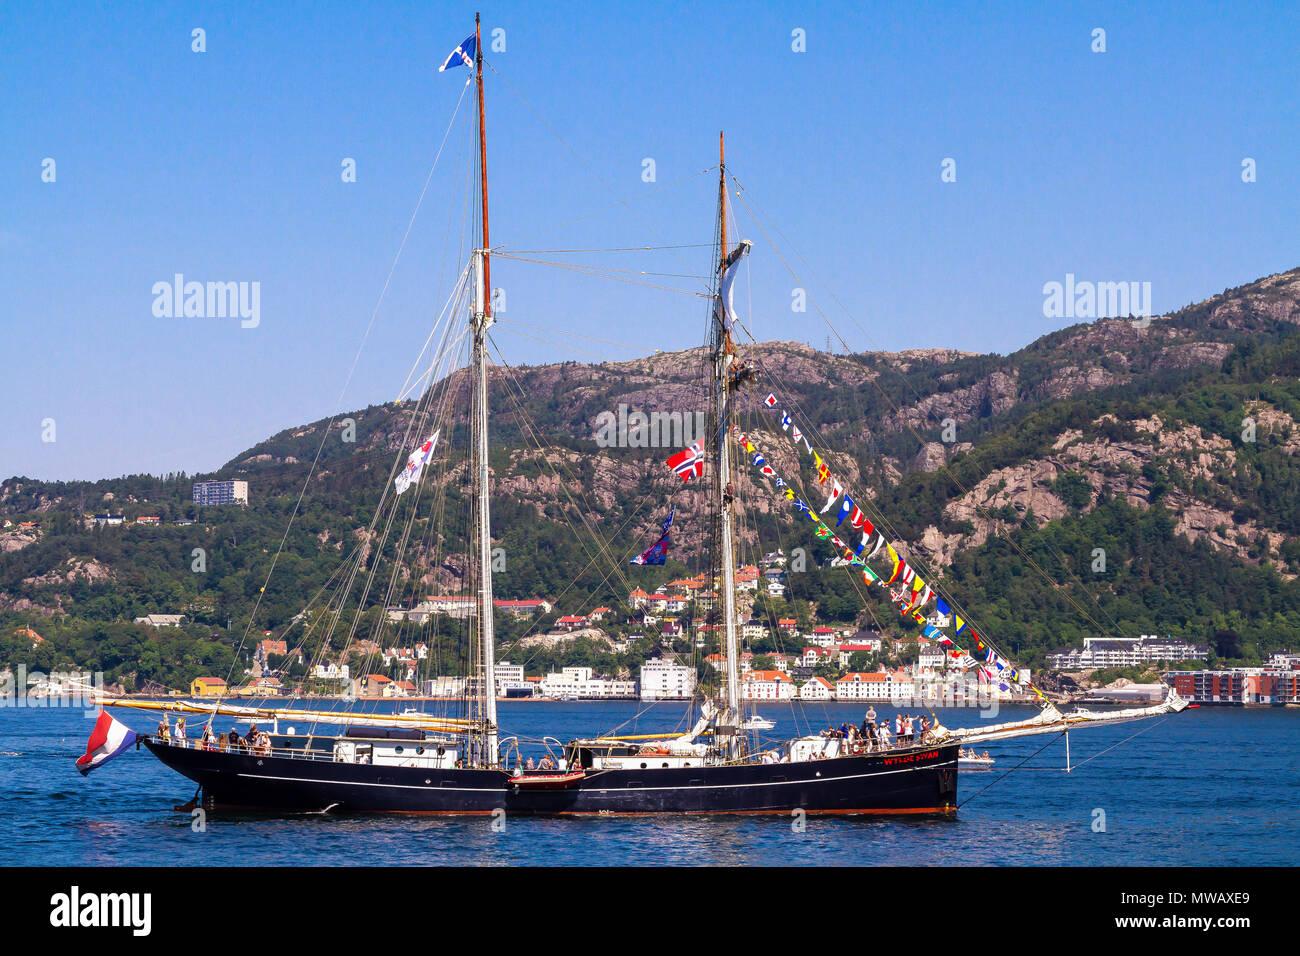 Tall Ships Race Bergen, Norway 2014. Dutch topsail schooner Wylde Swan arriving at Byfjorden, Bergen, Norway. - Stock Image